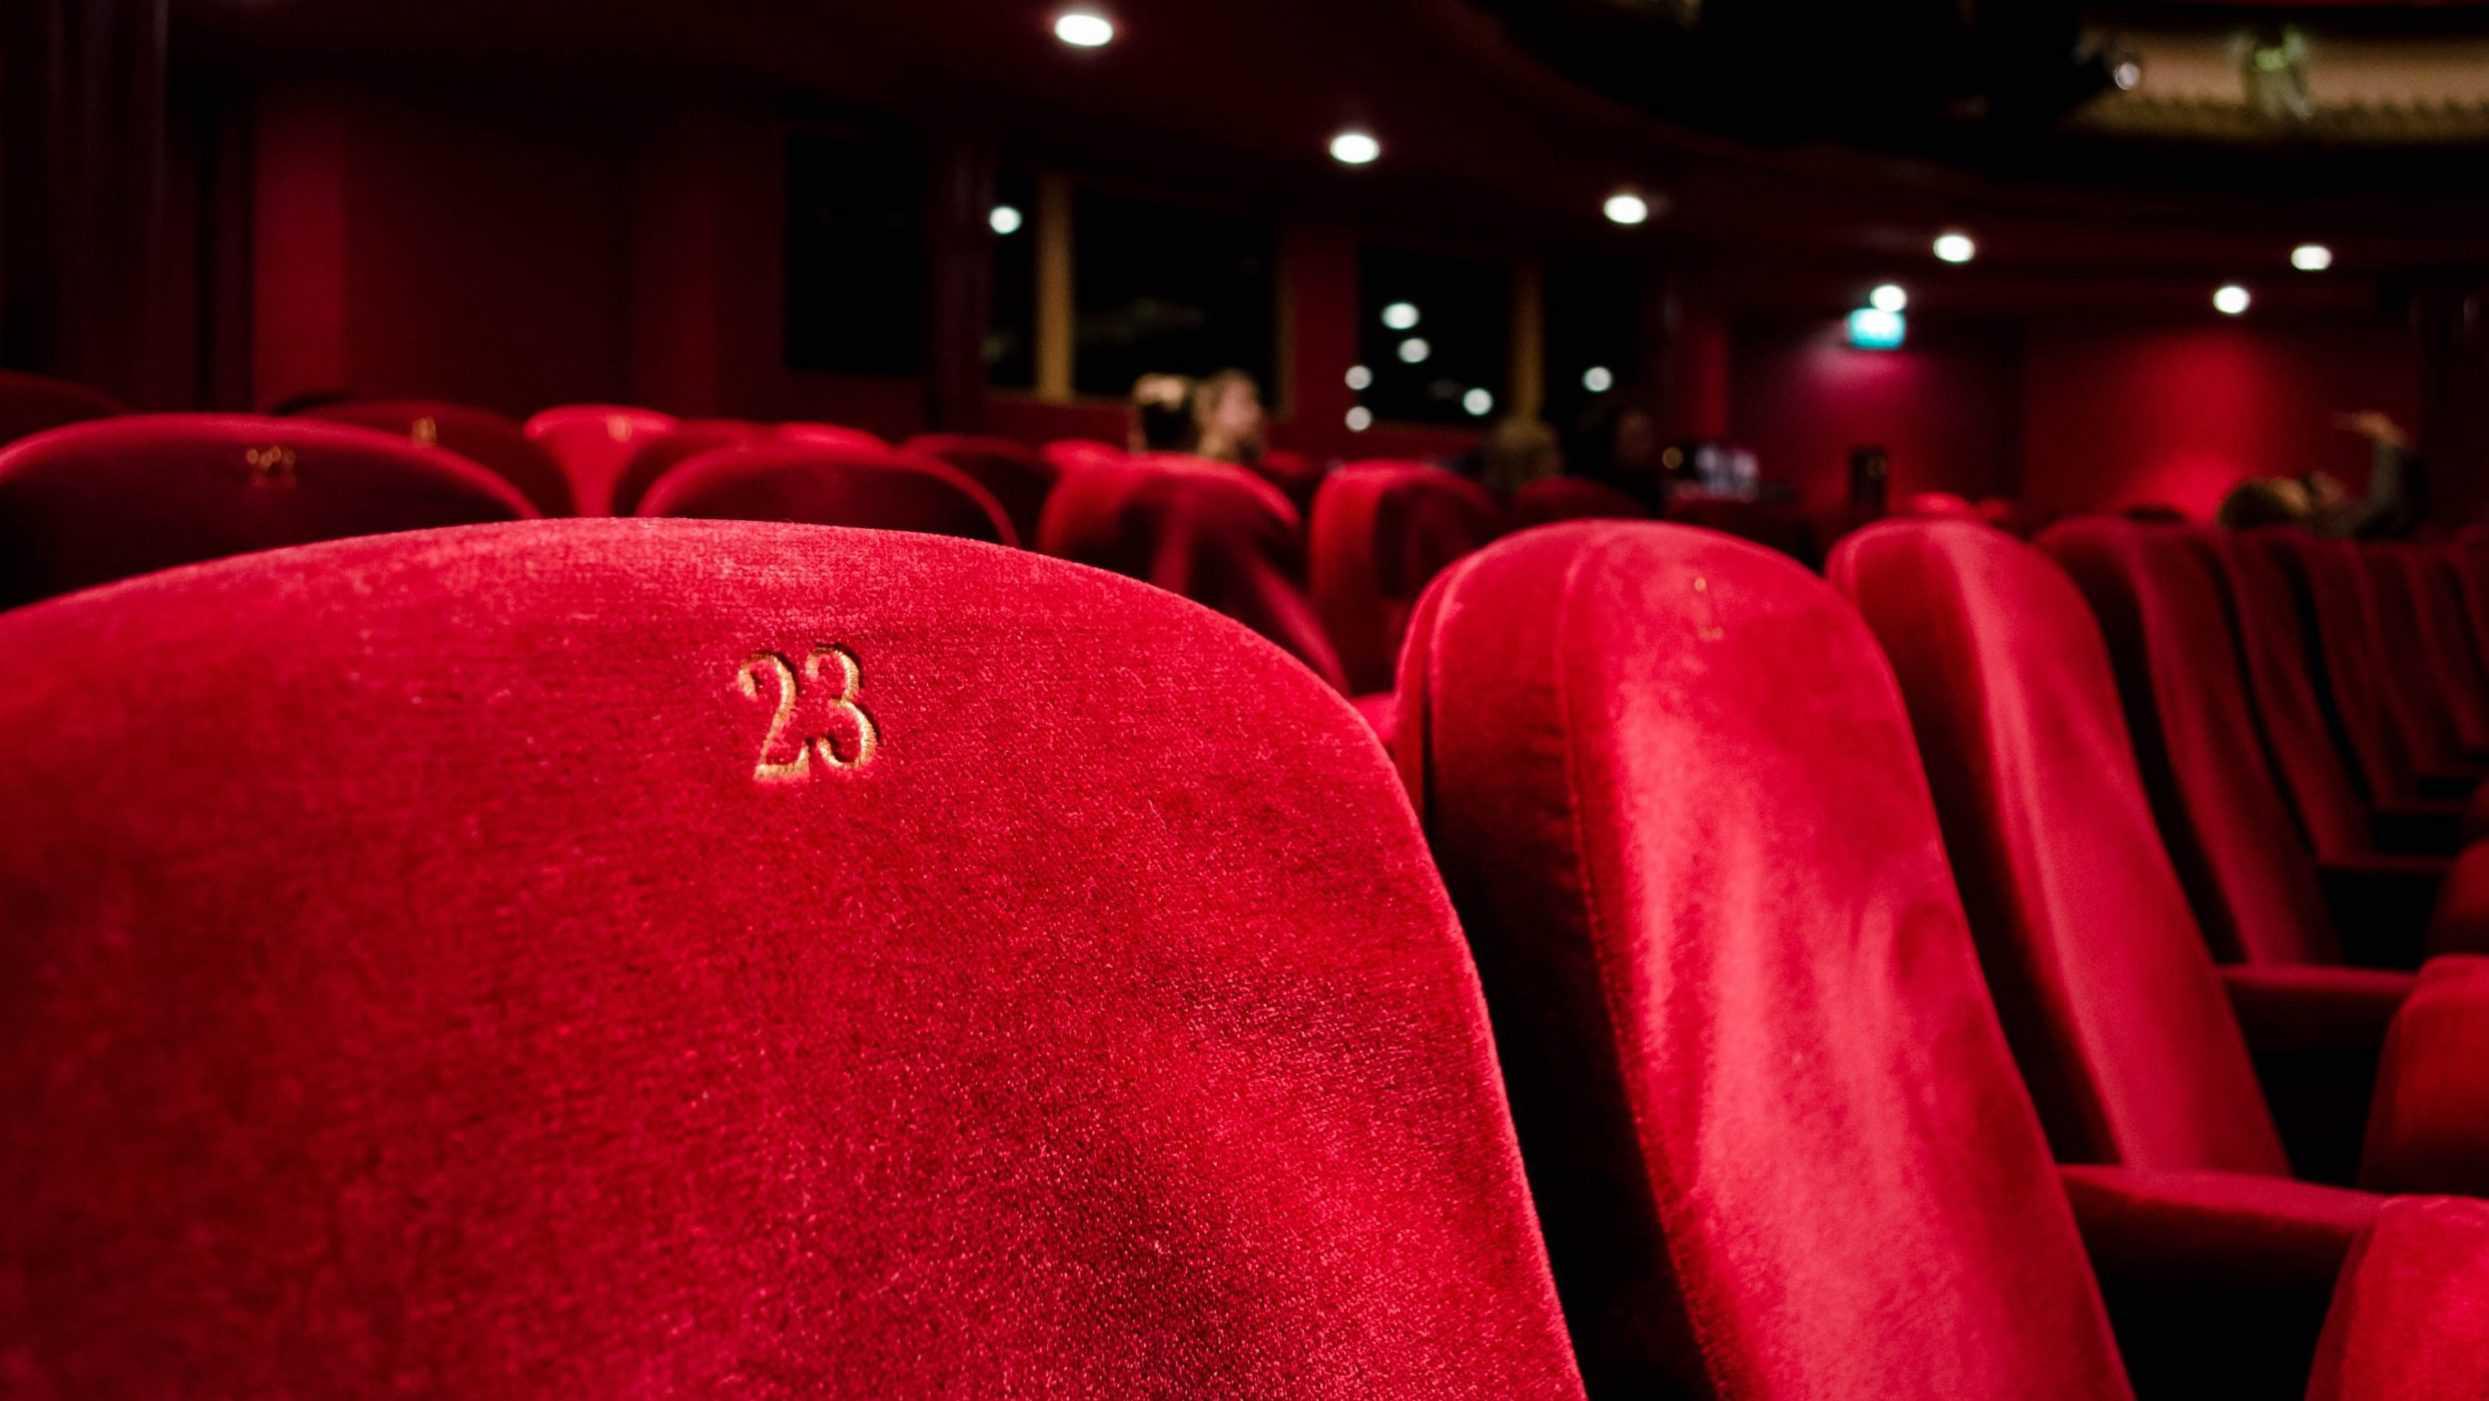 Kino und Filmpalast - Zukunftsprogramm Kino II für pandemiebedingte Investitionen - Luftreiniger Förderung